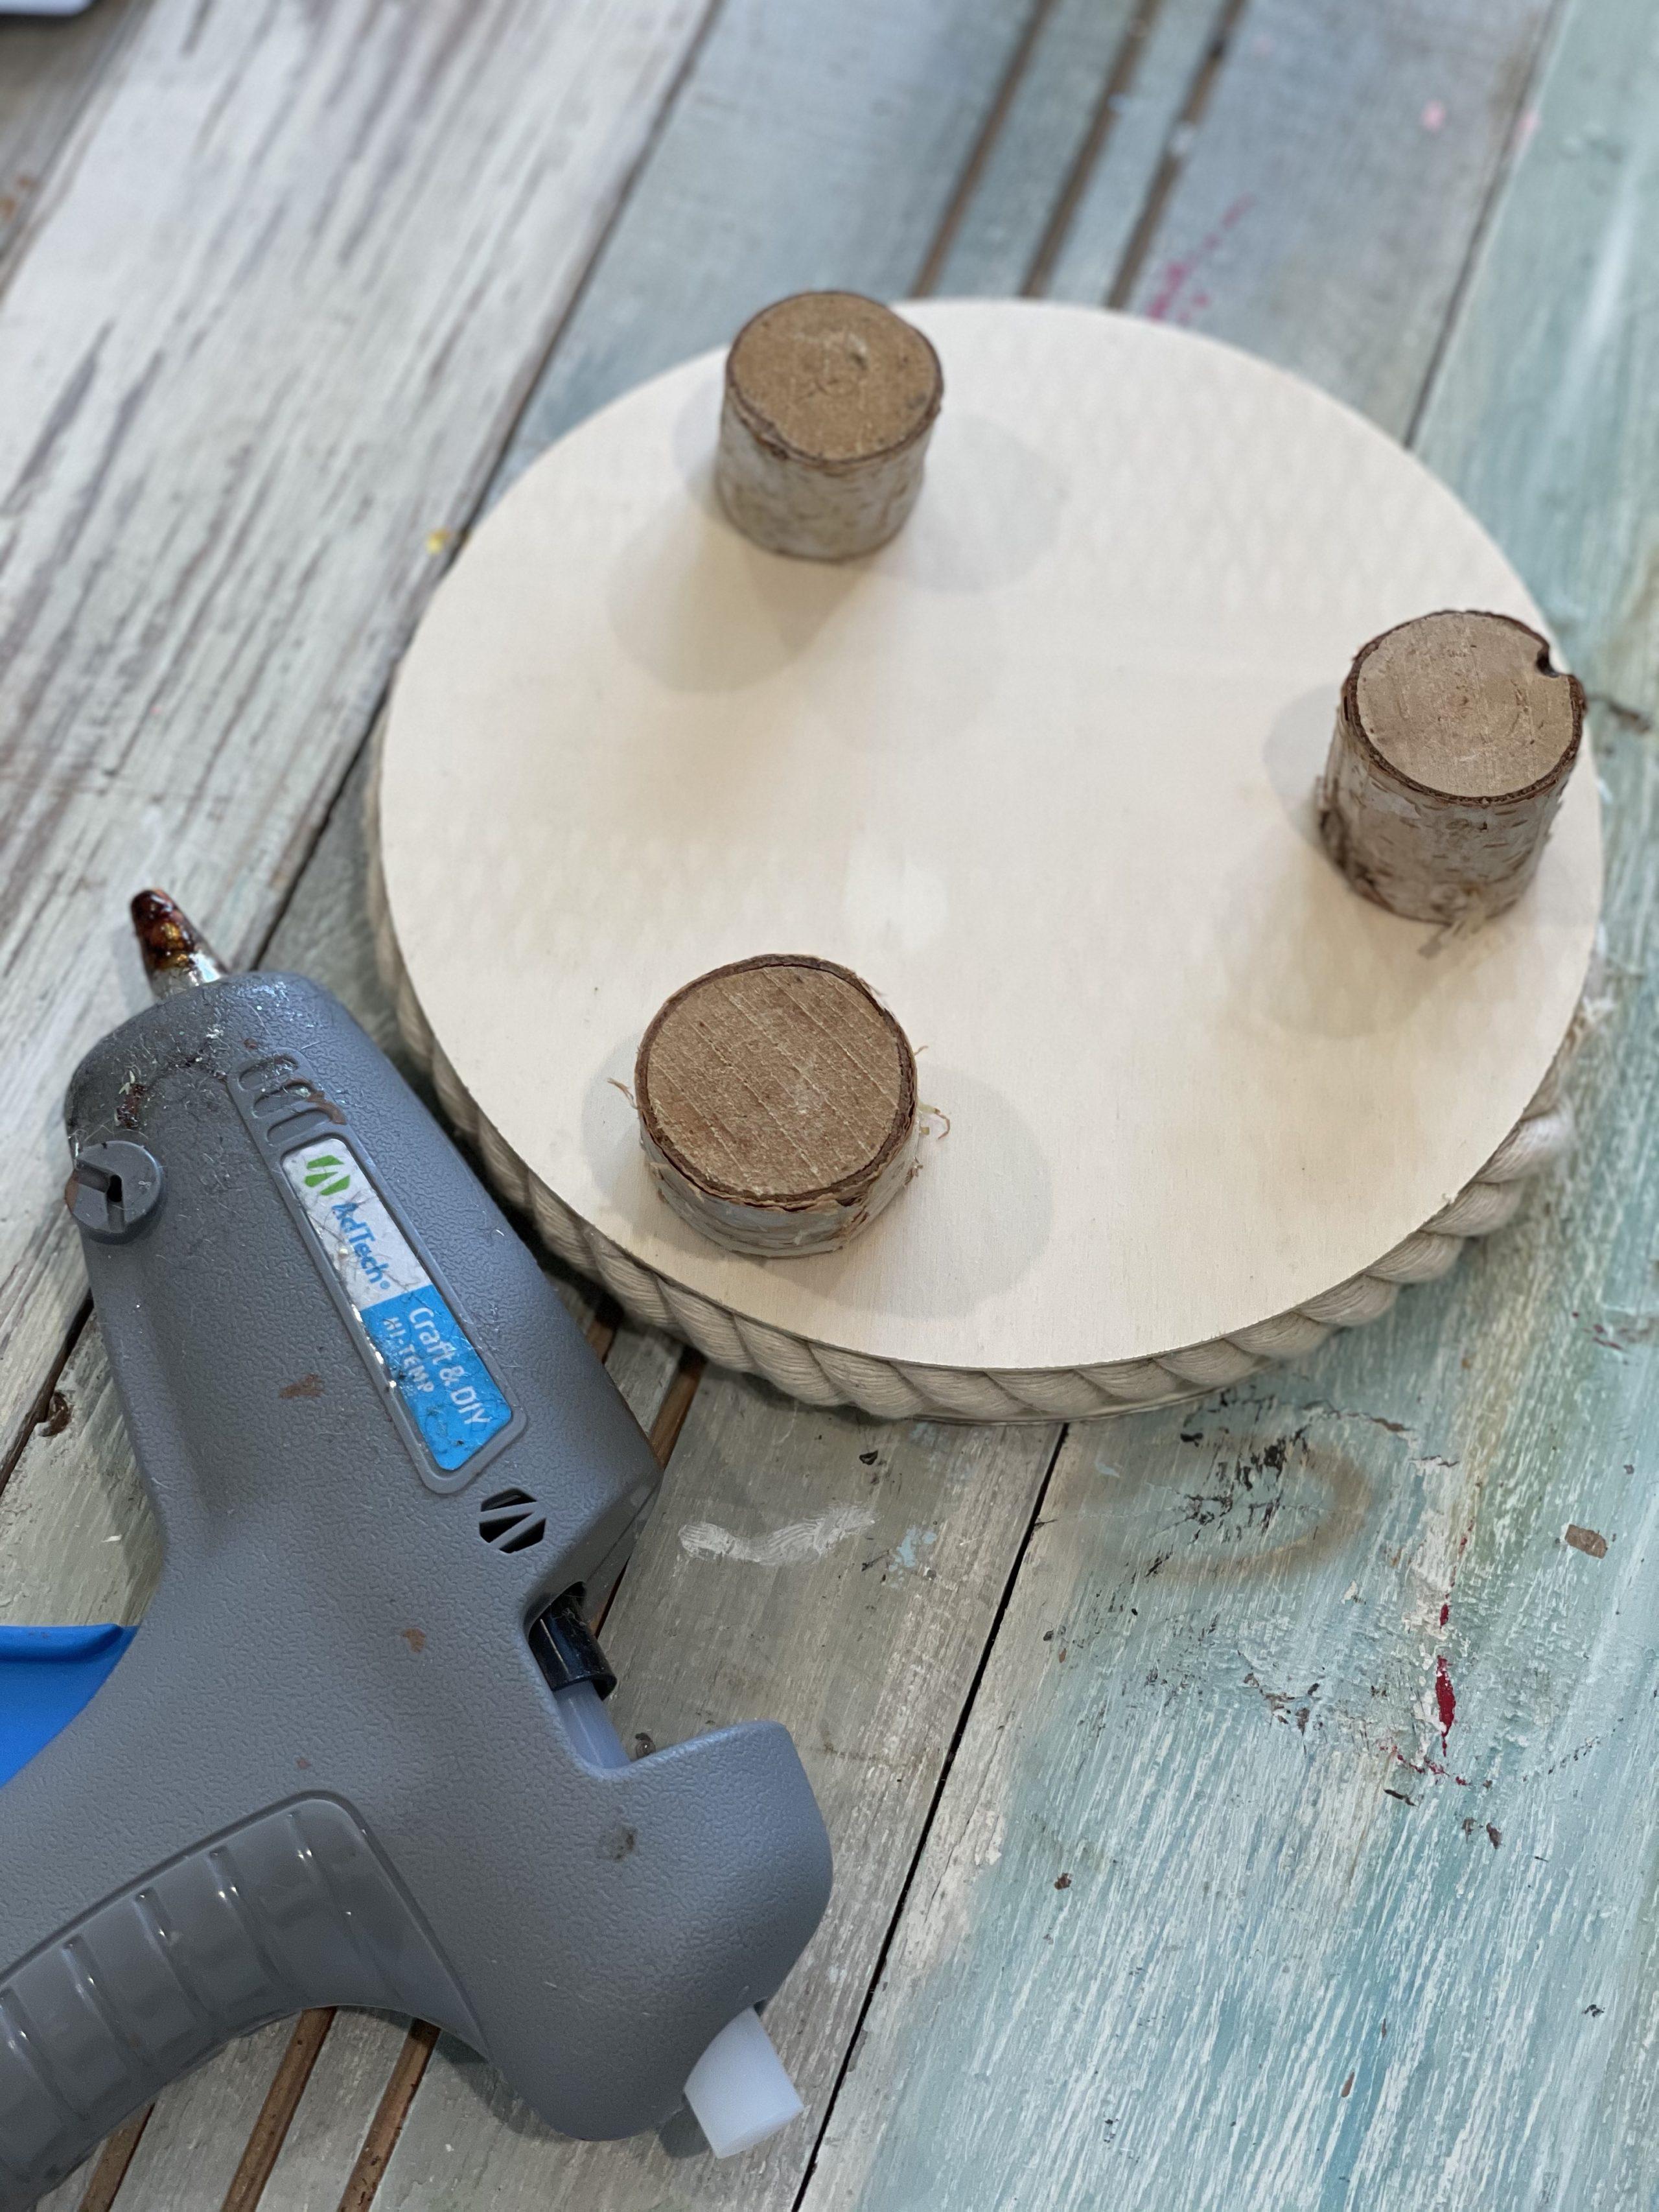 hot glue the wooden feet